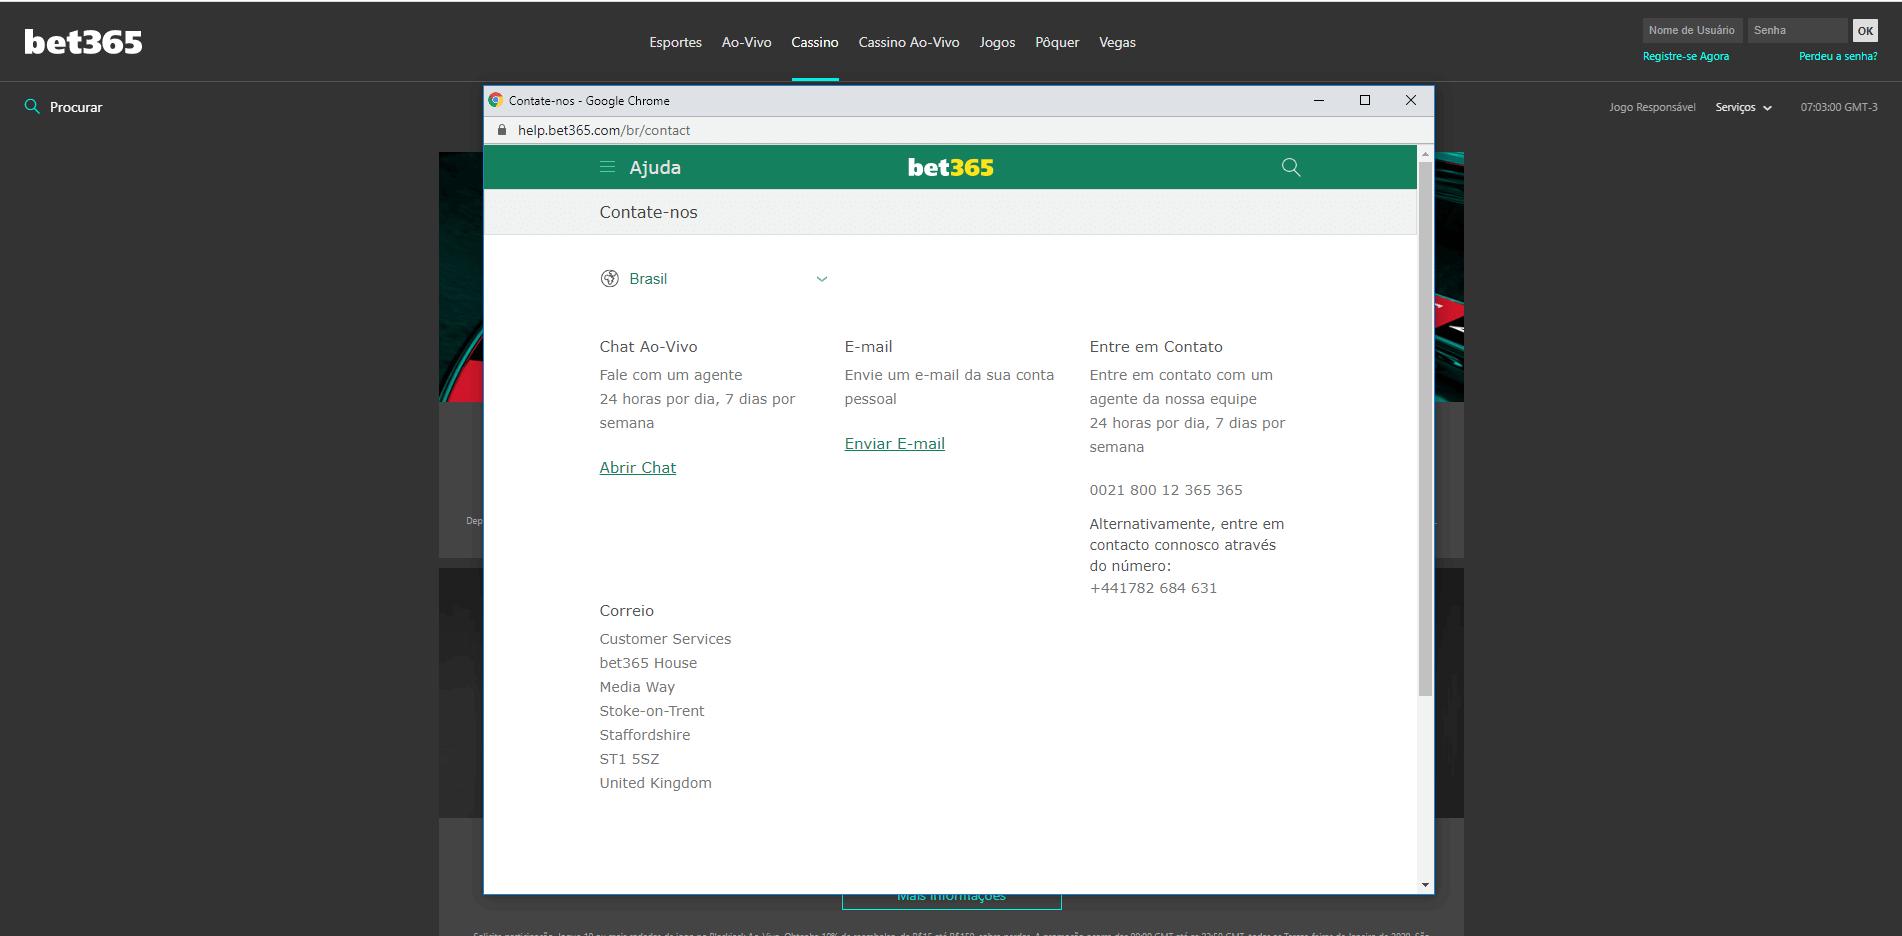 fale com a bet365 através do apoio ao cliente